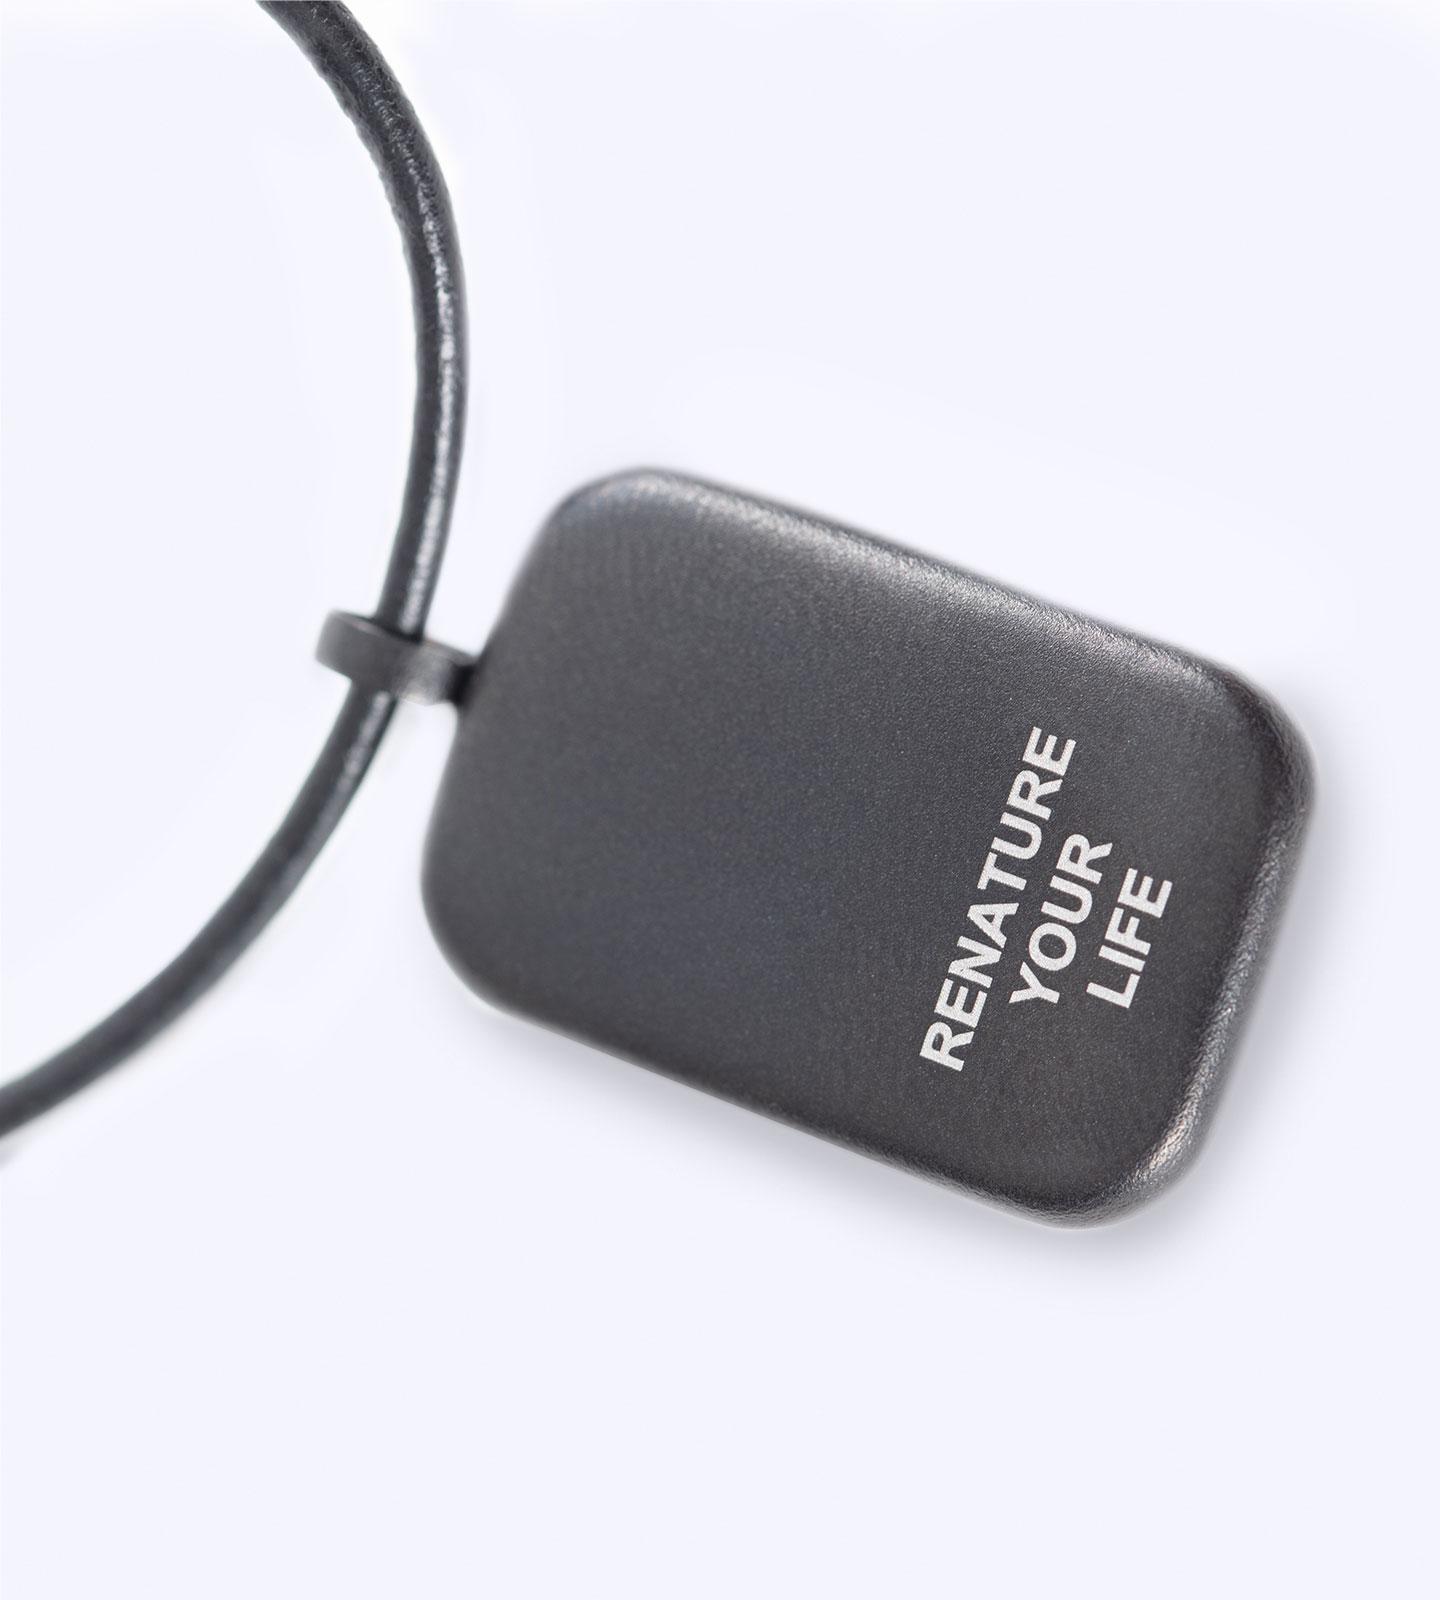 Der memonizerBODY pendant von der Rückseite mit Slogan Renature your Life